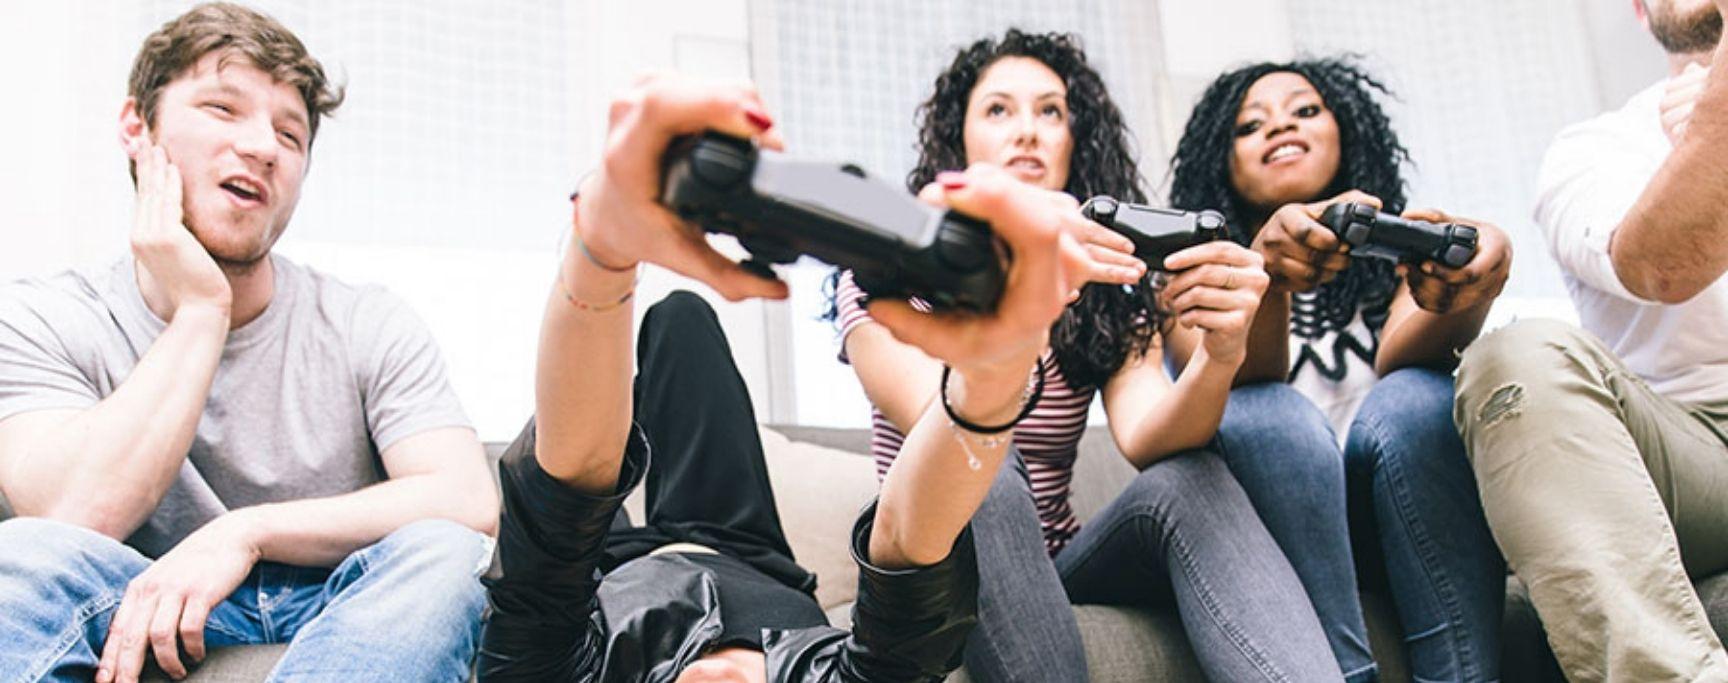 amis jeux video